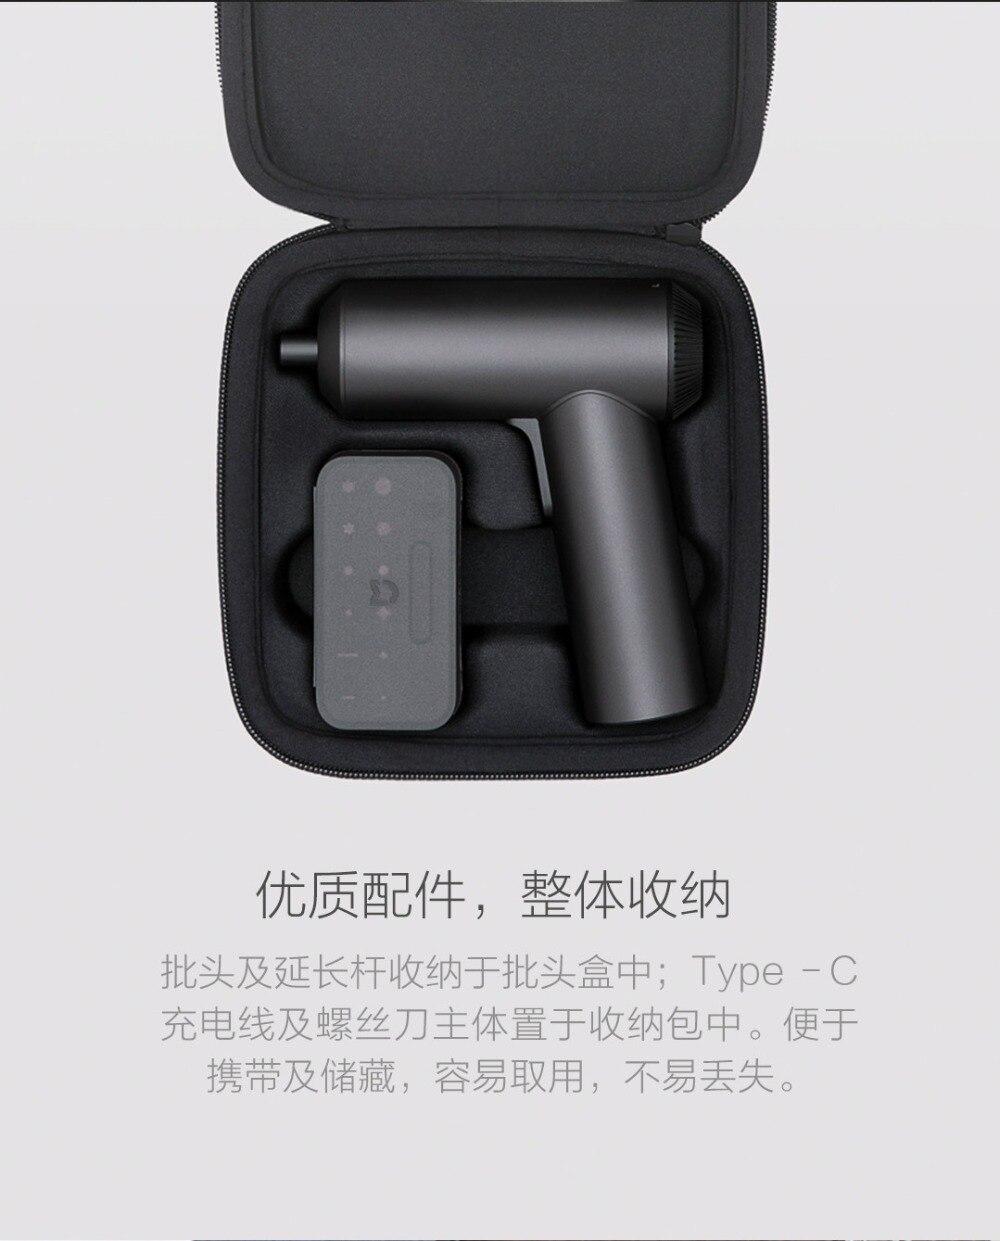 Xiaomi Mijia Electric Screwdriver (17)